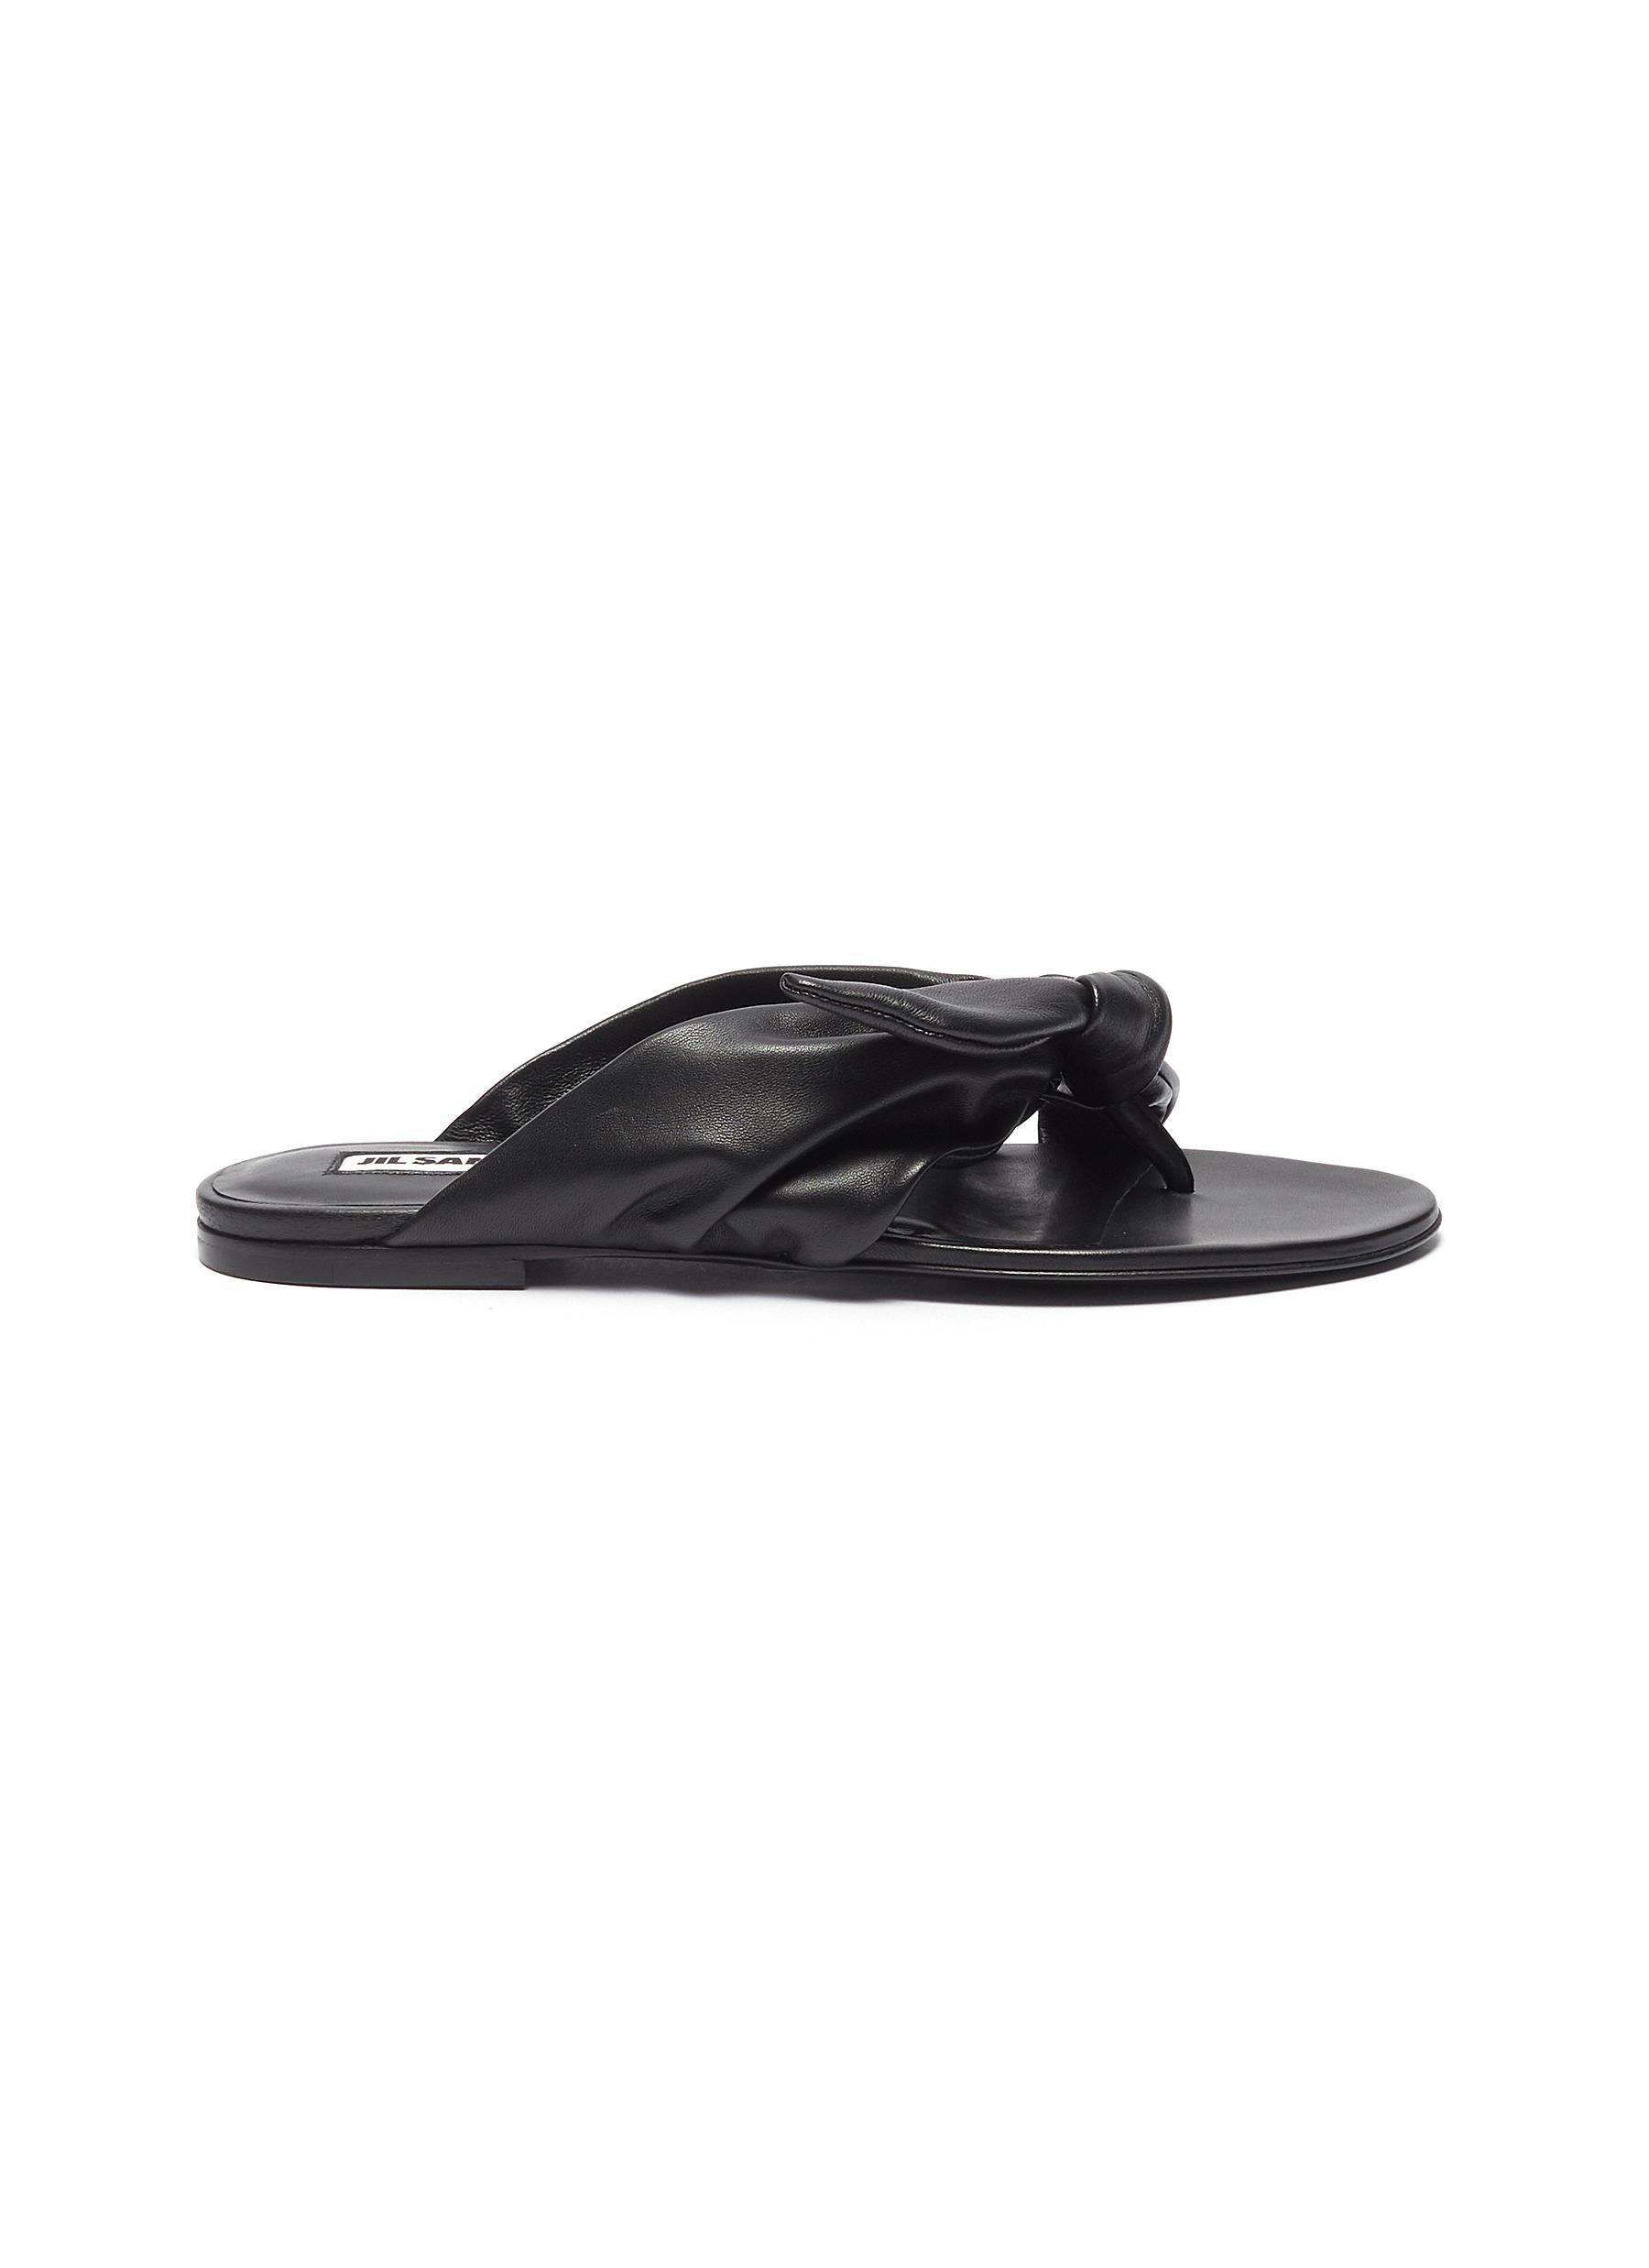 Jil Sander Flats Bow embellished flat leather sandals